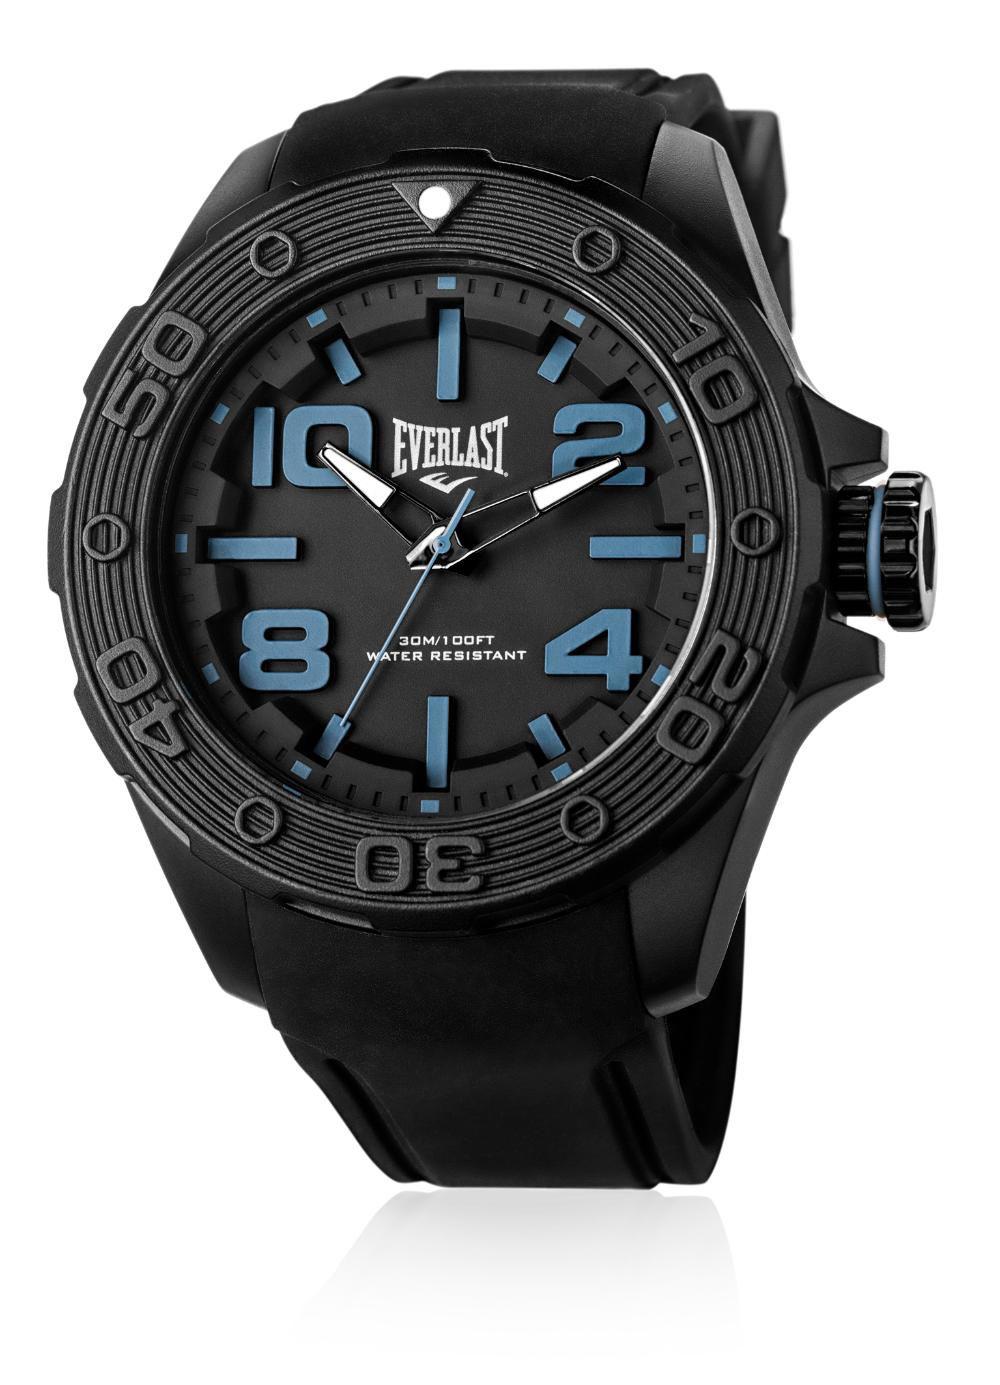 Relógio Masculino Everlast E620 53mm Silicone Preto